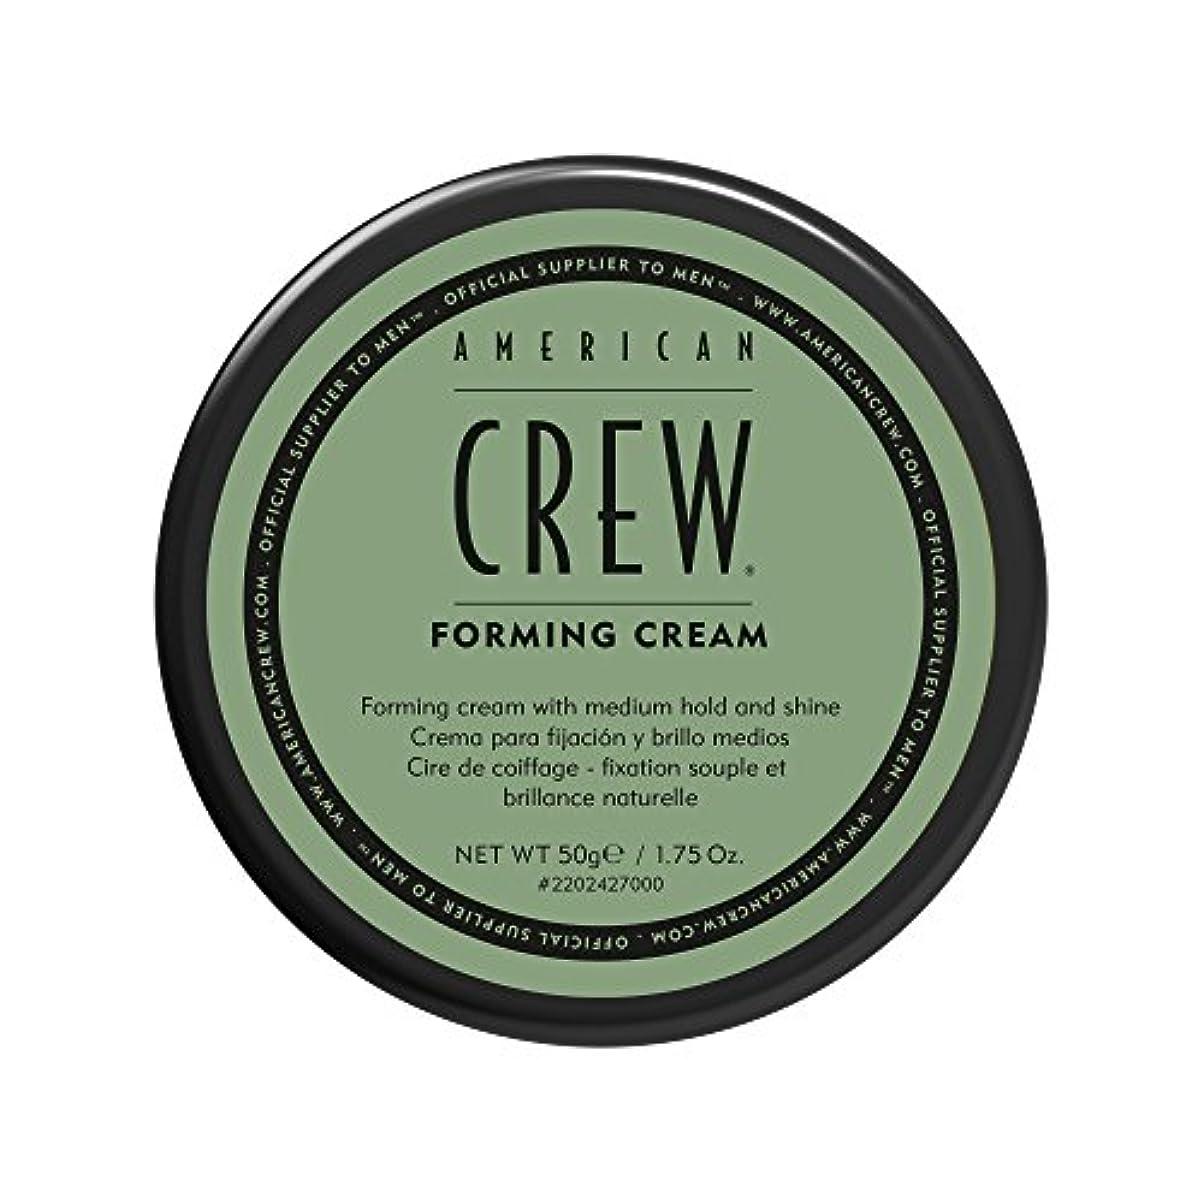 角度ロマンスアクセサリーby American Crew FORMING CREAM 1.75 OZ by AMERICAN CREW